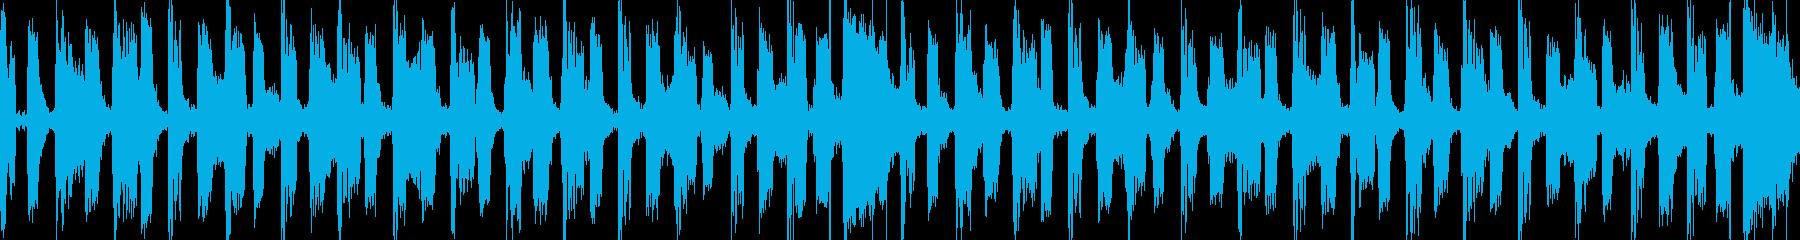 レトロでコミカルなシンセポップスの再生済みの波形